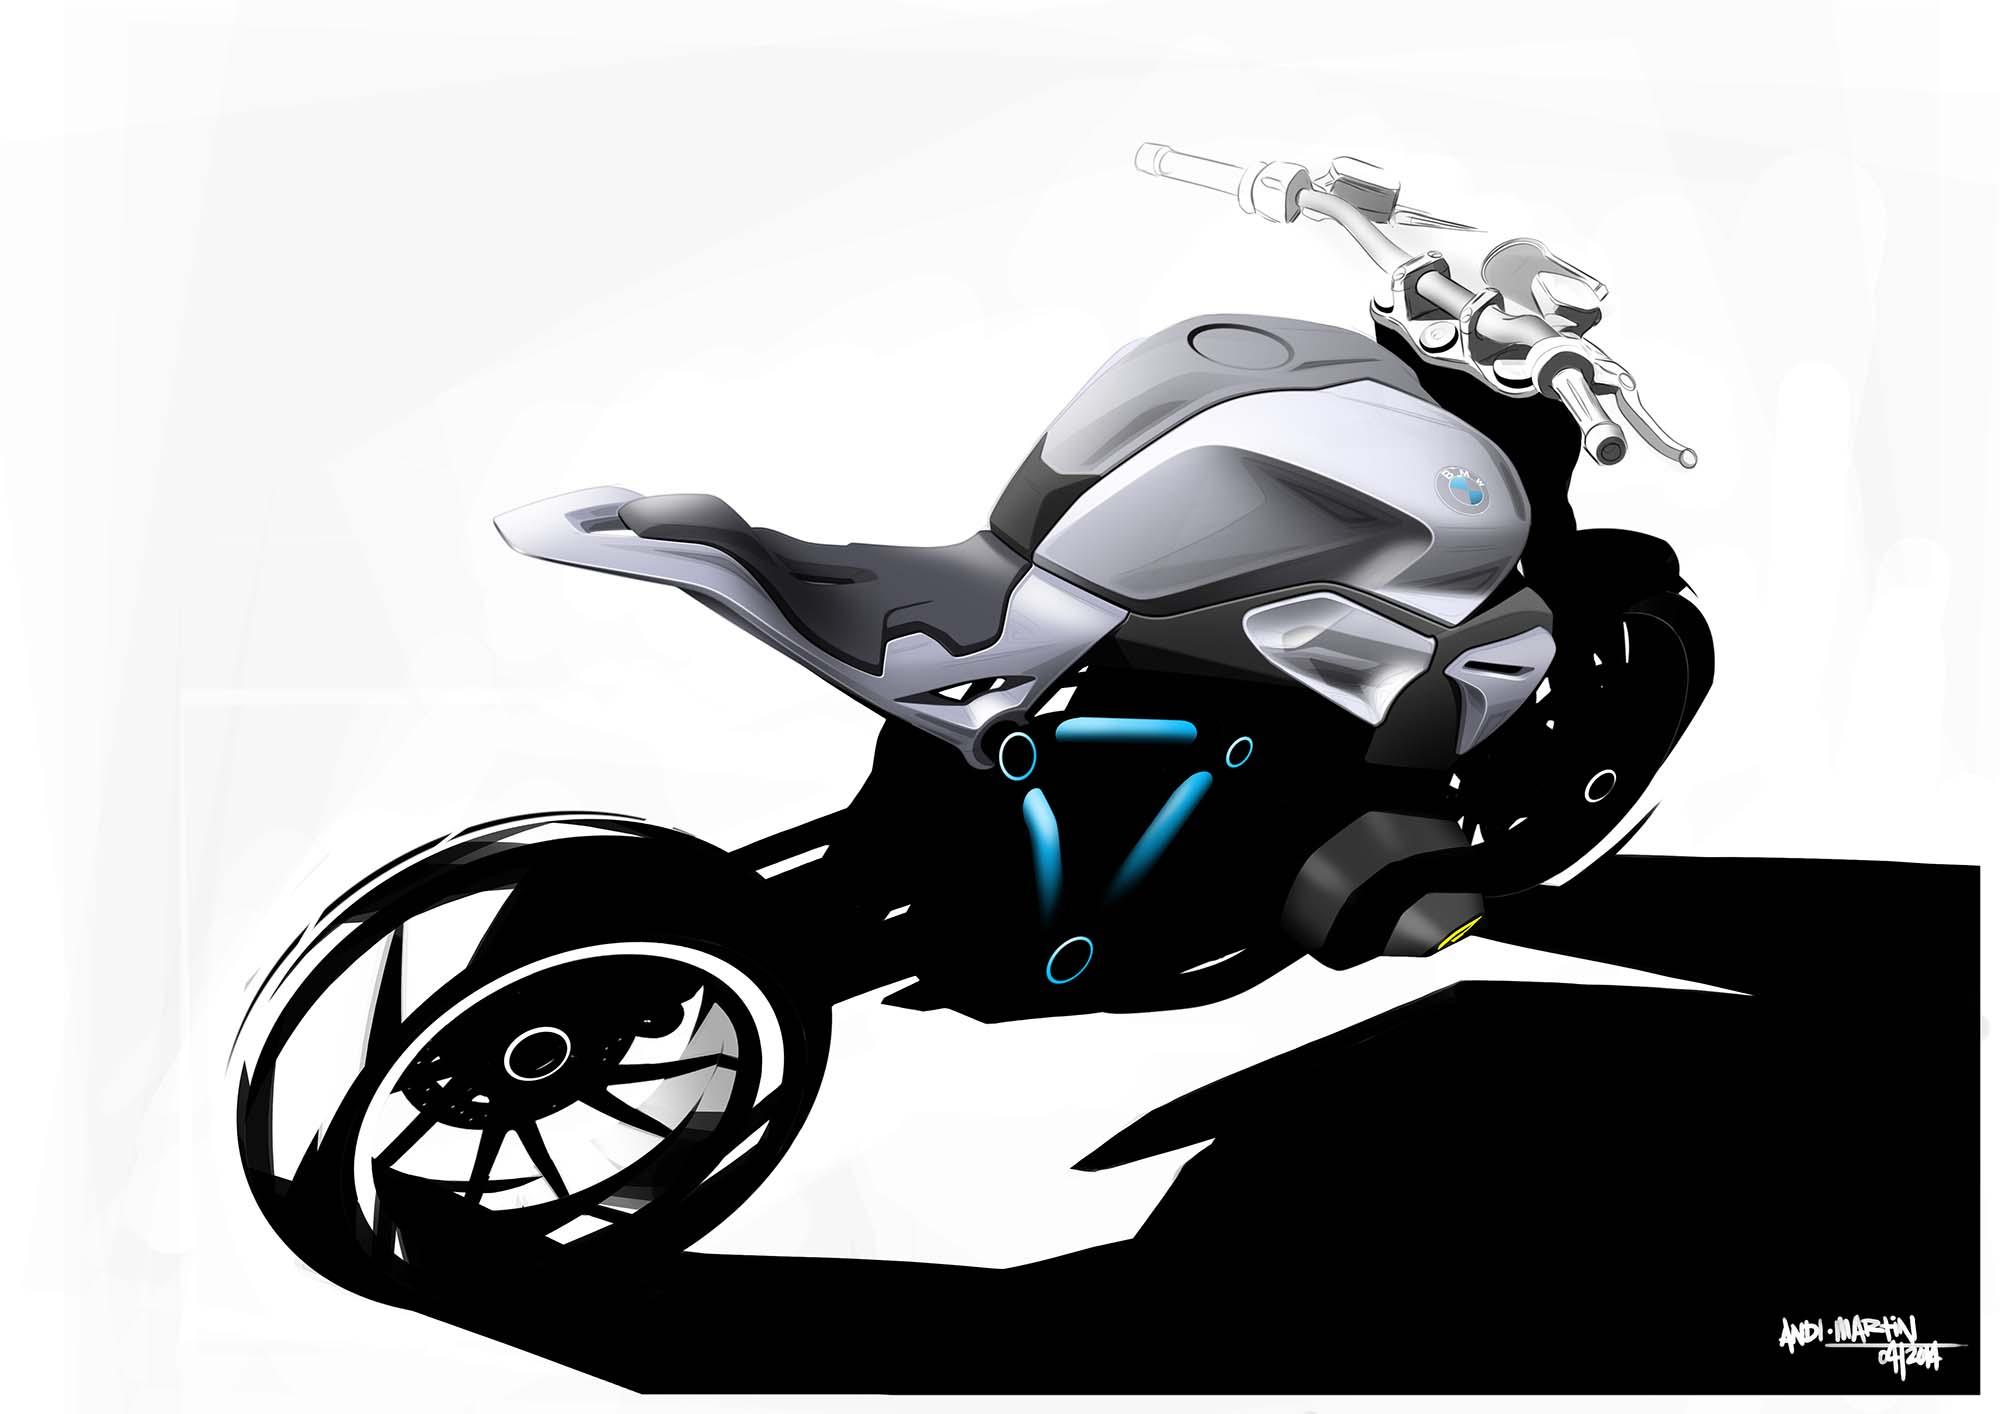 bmw concept roadster nom de dieu asphalt rubber. Black Bedroom Furniture Sets. Home Design Ideas